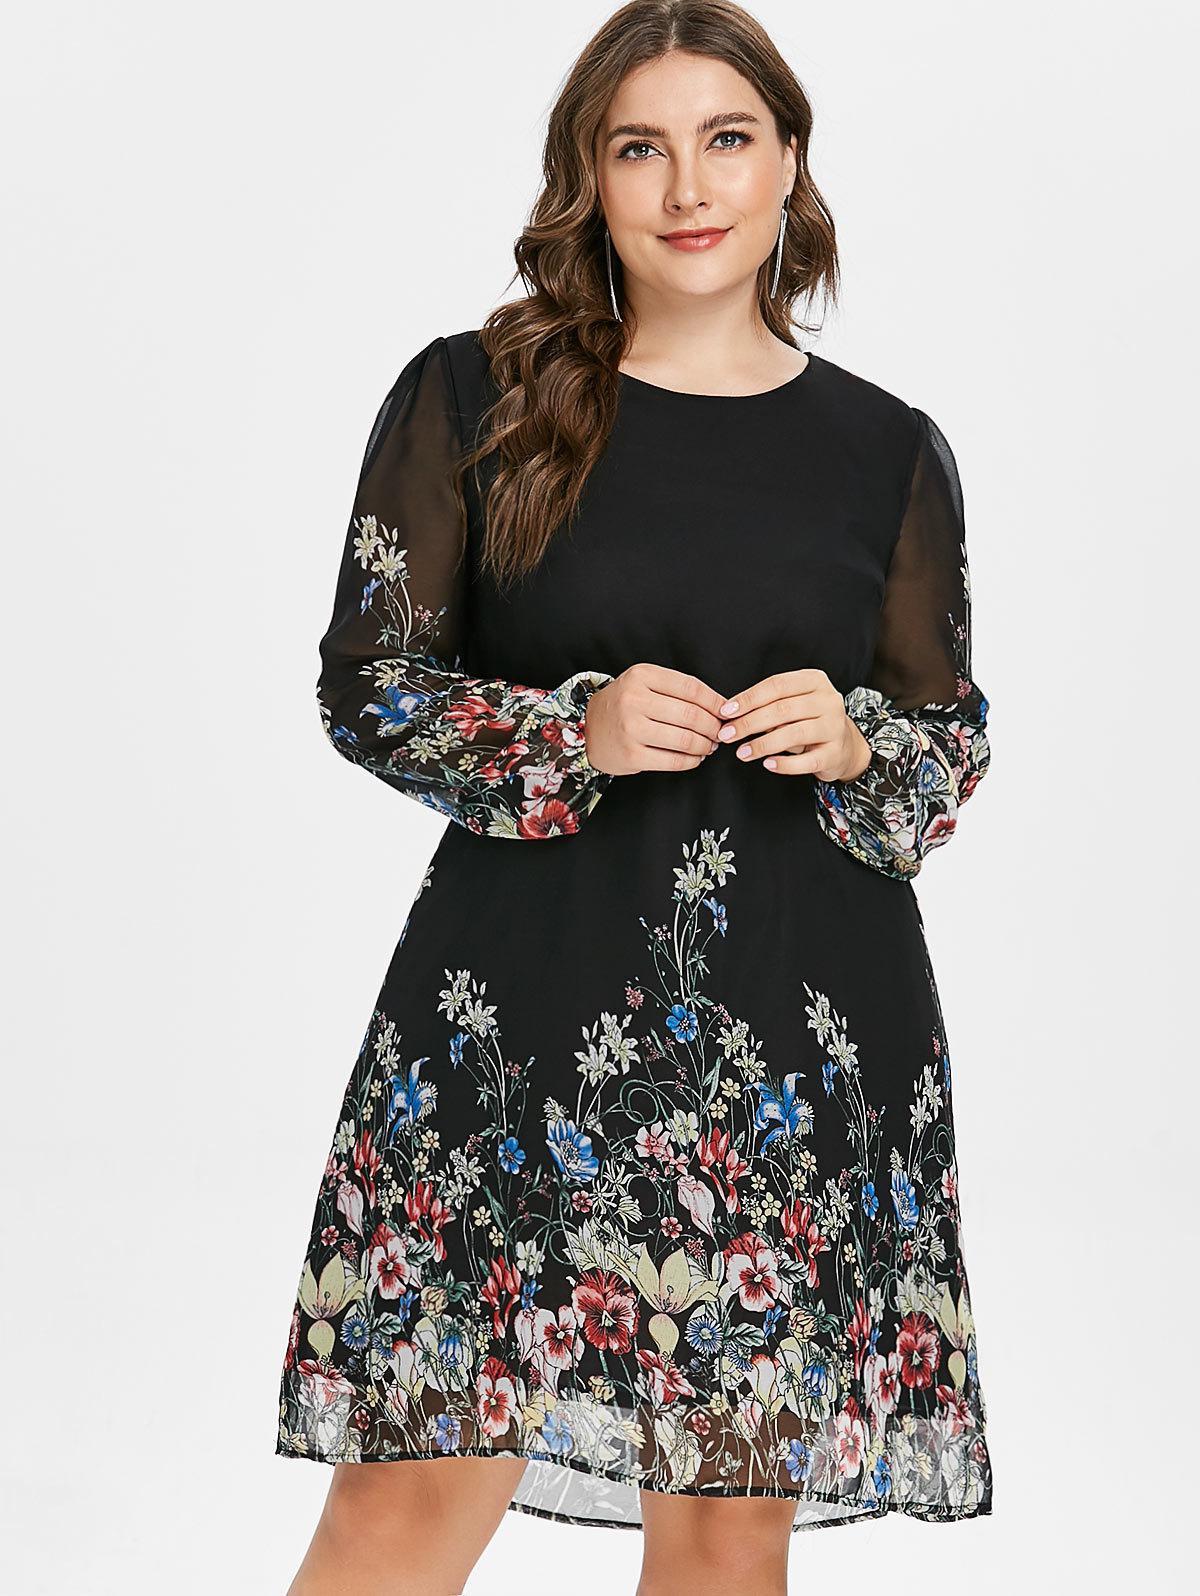 Wipalo Çok Renkli Artı Boyutu Çiçek Nakış Tunik Elbise İlkbahar Yaz Zarif Tribal Çiçek Baskı Meslek Elbise Vestidos 5xl J190531